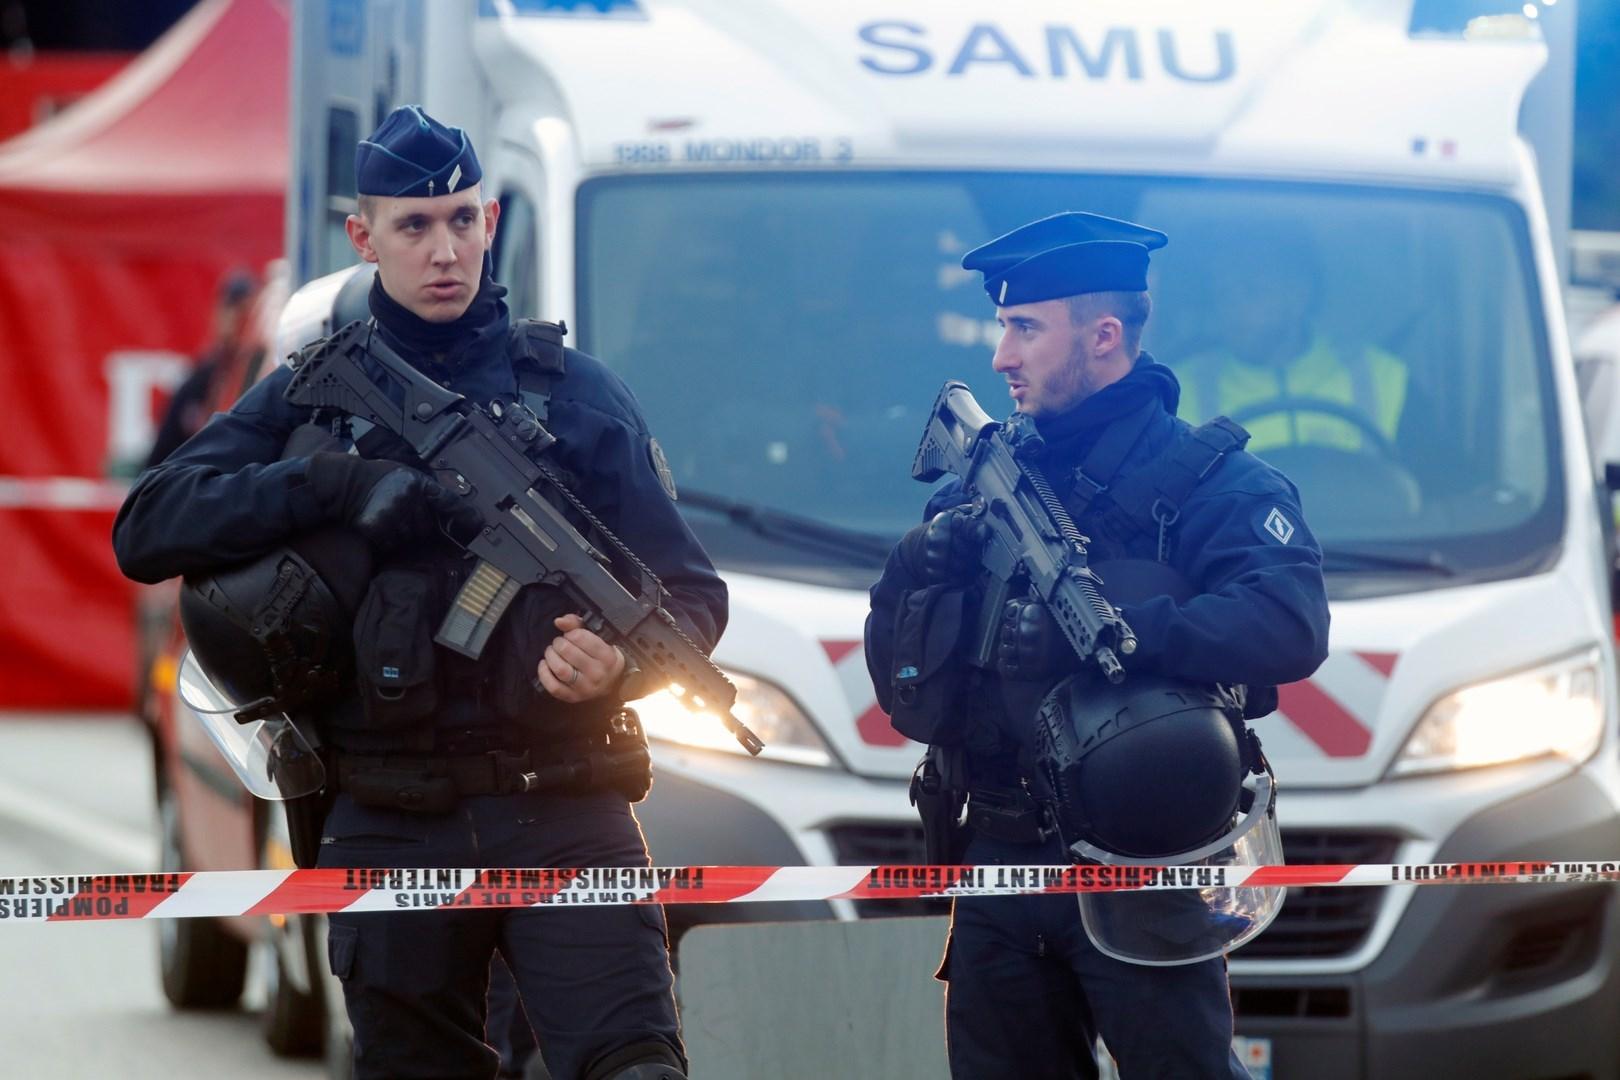 الأمم المتحدة تطالب فرنسا باعادة النظر بكل قانون الأمن الشامل وليس المادة 24 فقط